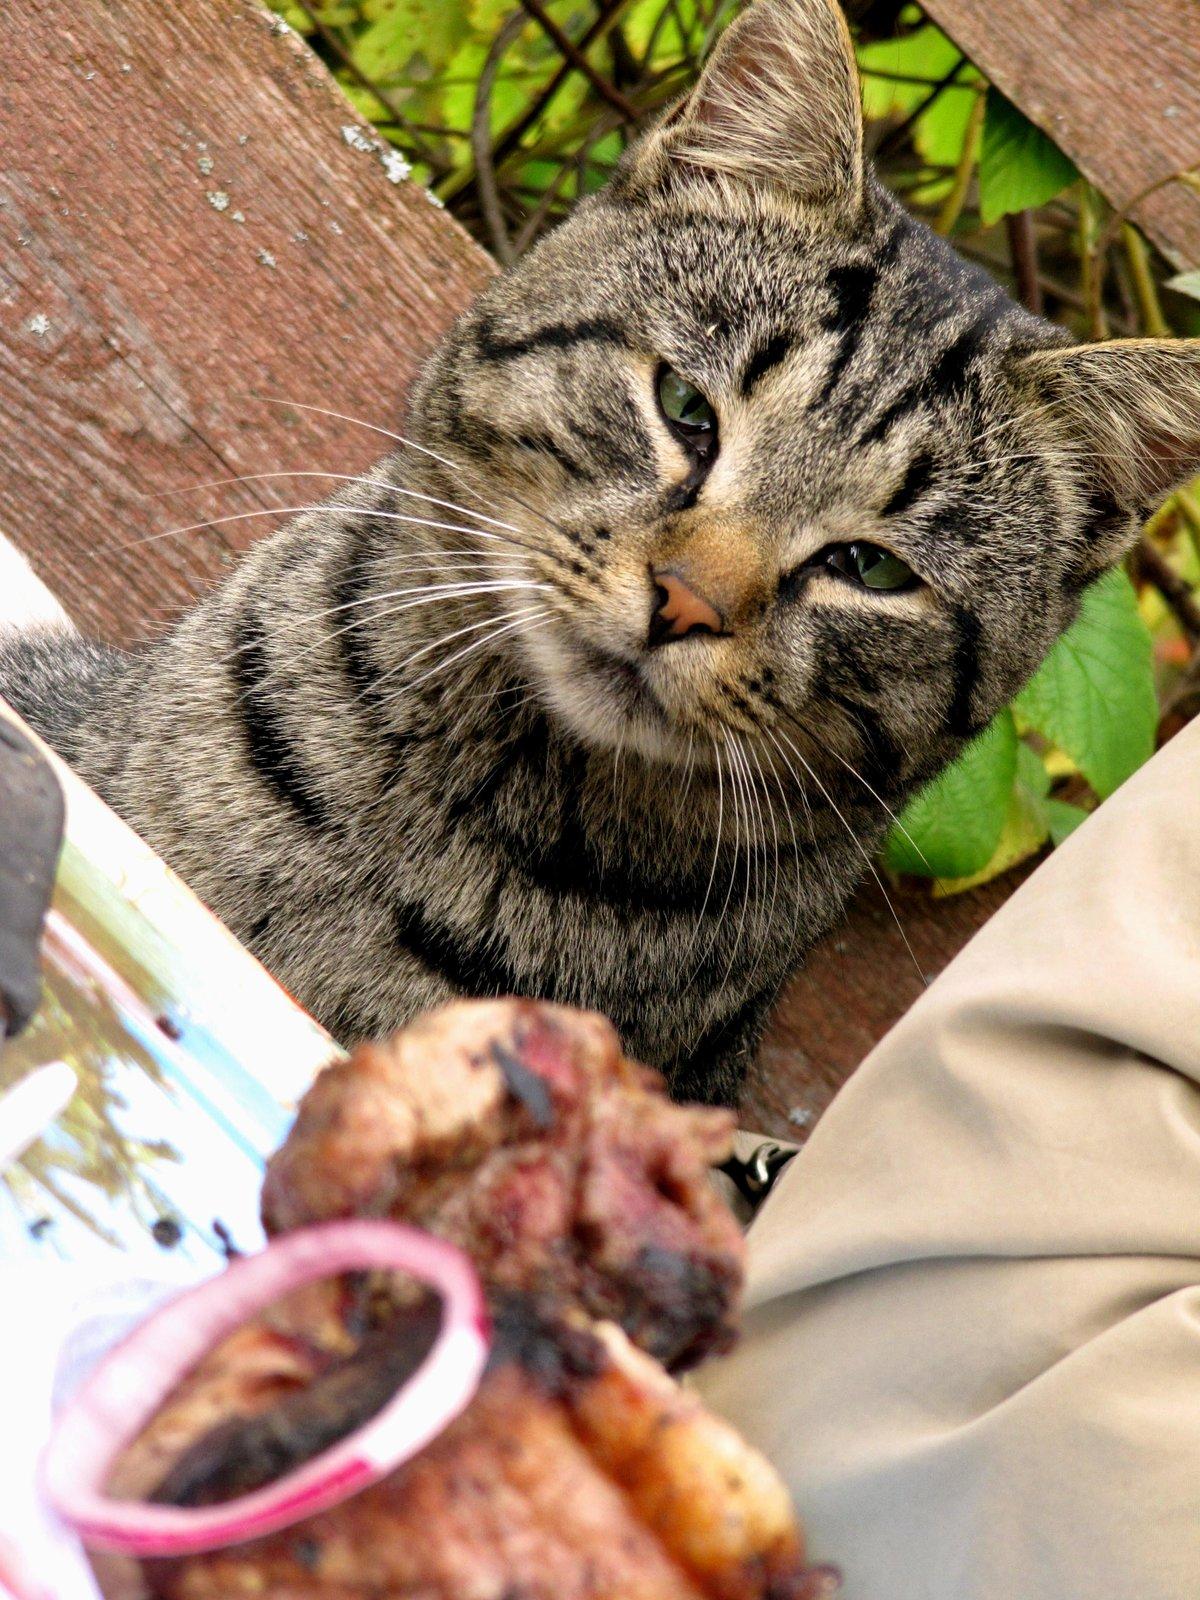 картинка кошки на шашлыках природе украшений изображениями змей